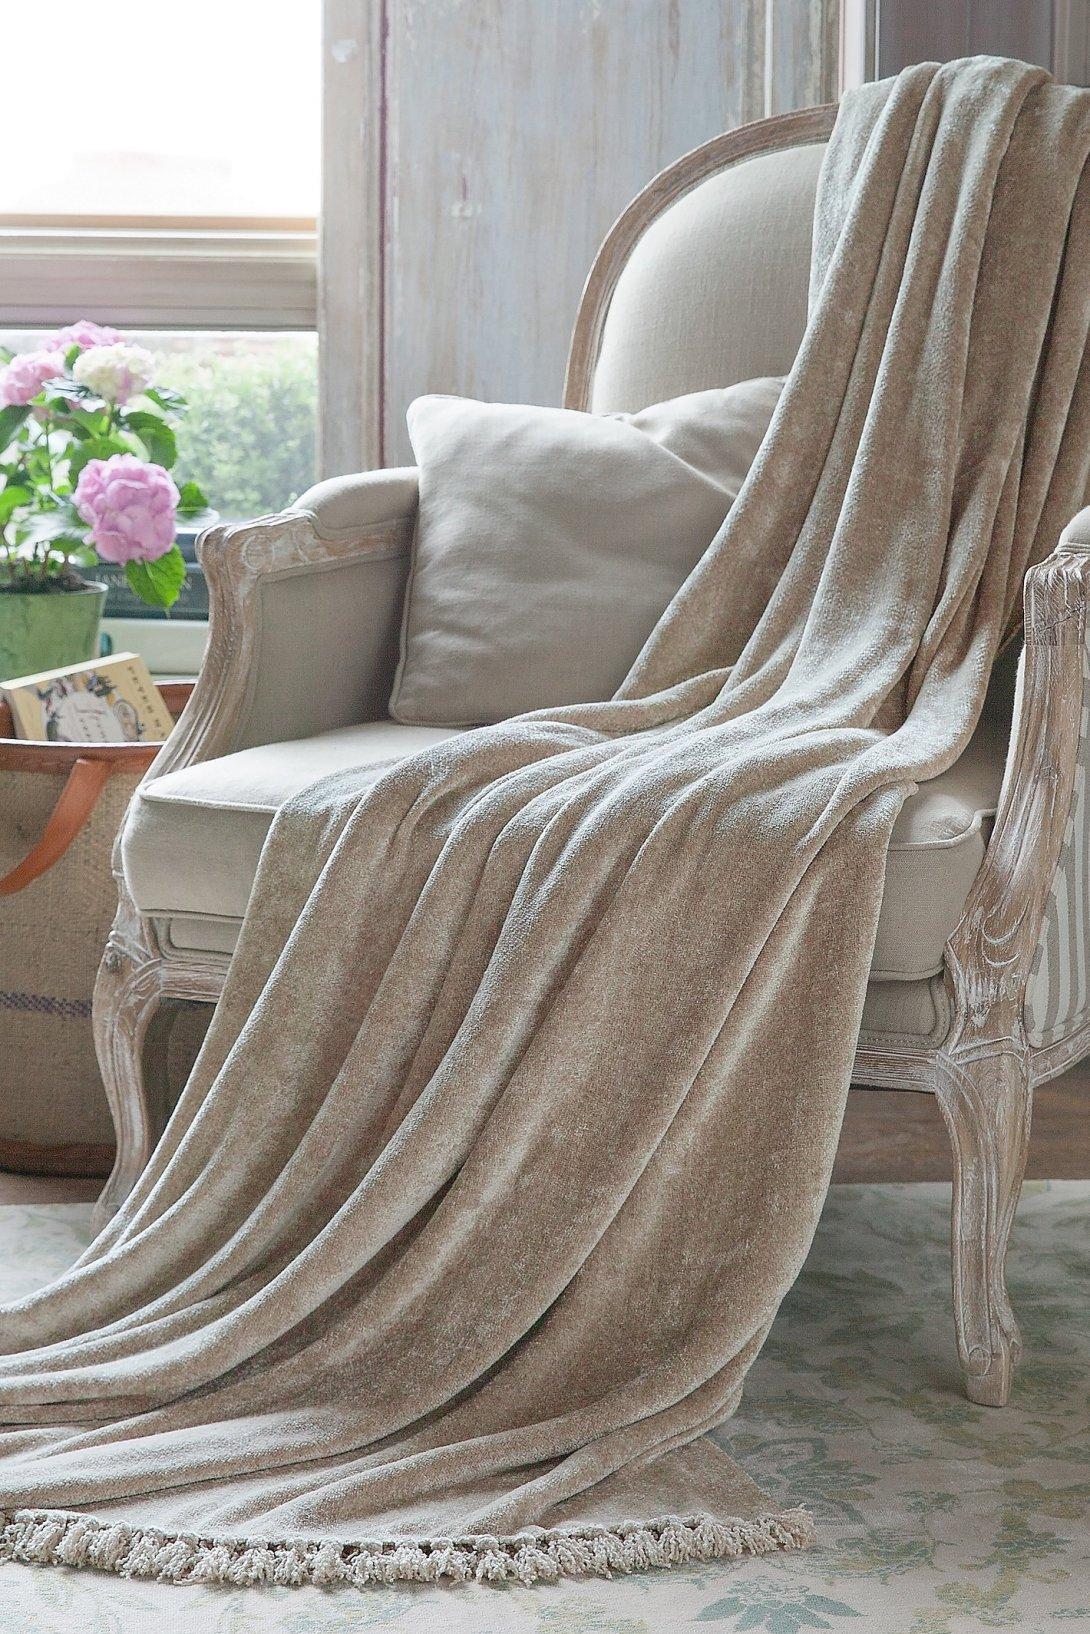 Sumptuous Chenille Blanket